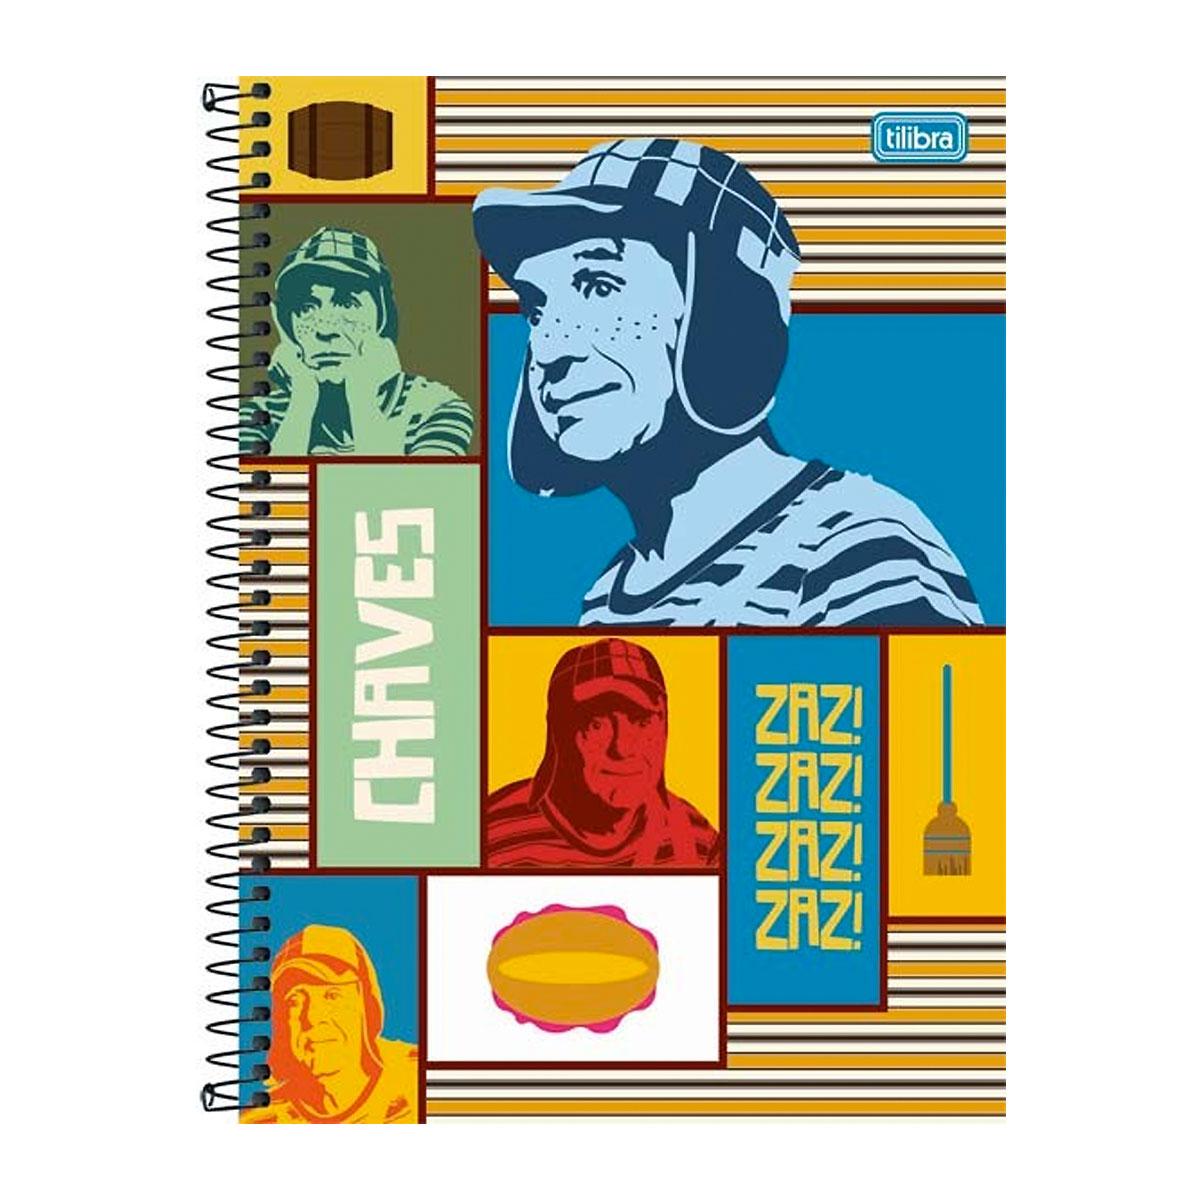 Caderno Chaves Zaz Zaz Zaz Vintage 10 Matérias